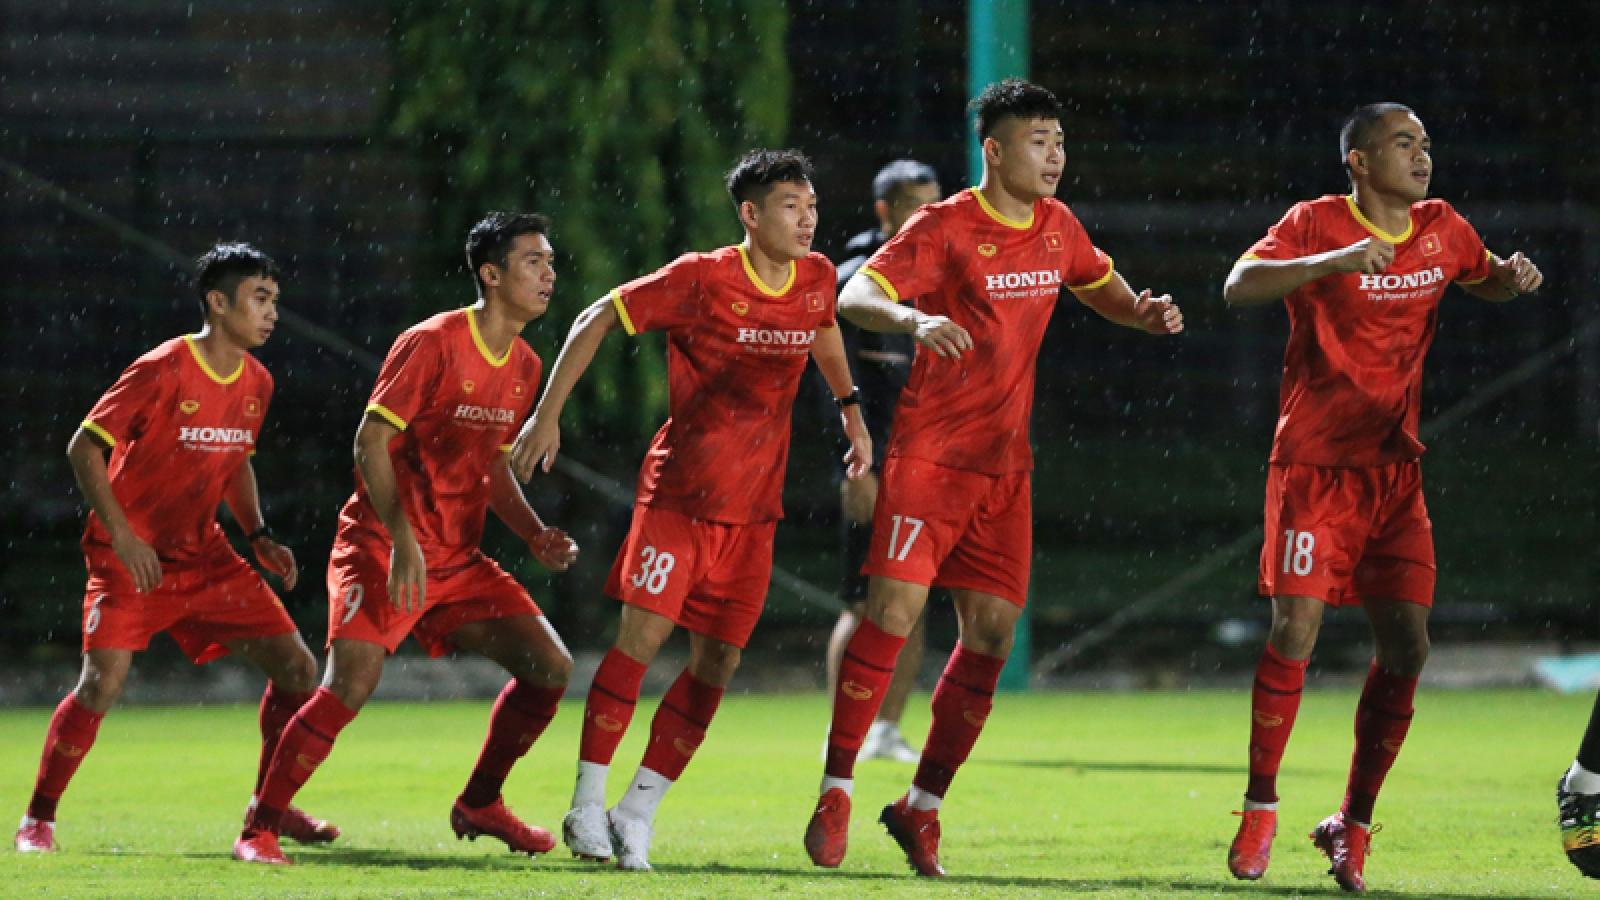 U23 Trung Quốc bỏ giải, U23 Việt Nam được hưởng lợi